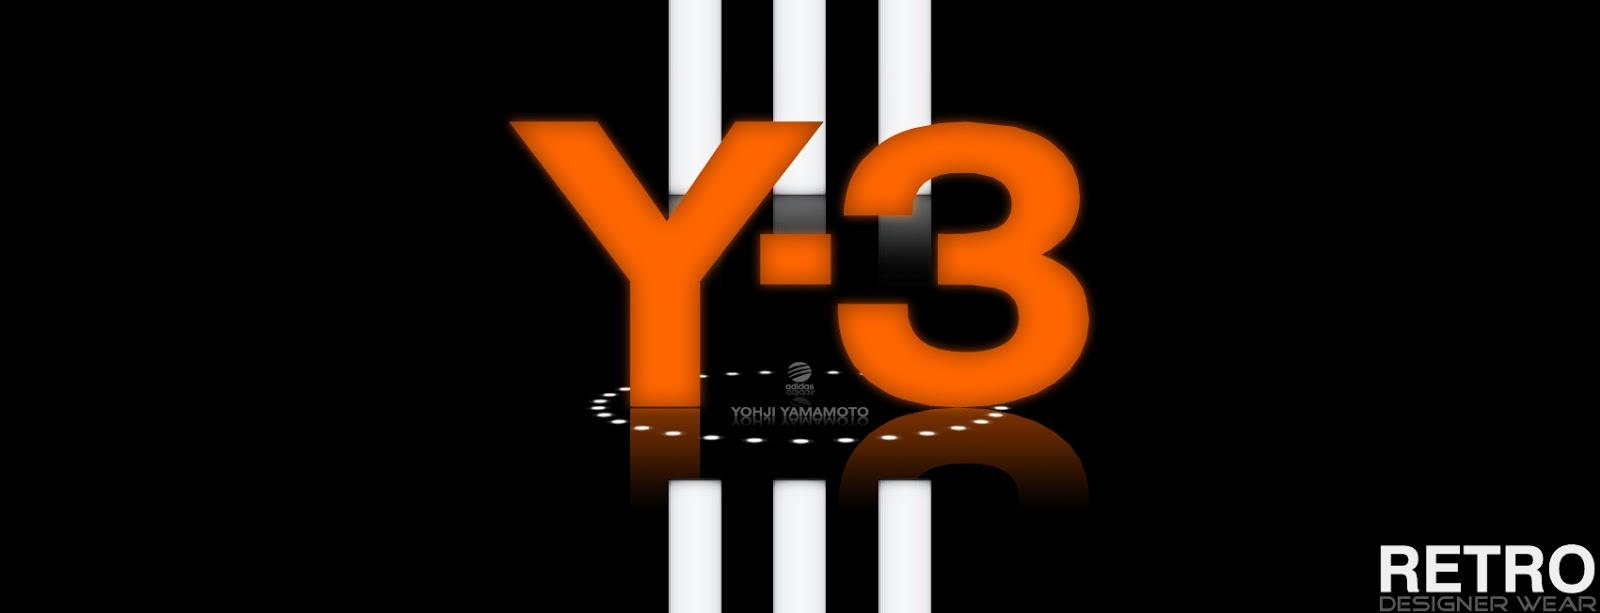 delincuencia Saludo por ciento  Retro Designer Wear: Y-3 Brand by Adidas and Yohji Yamamoto